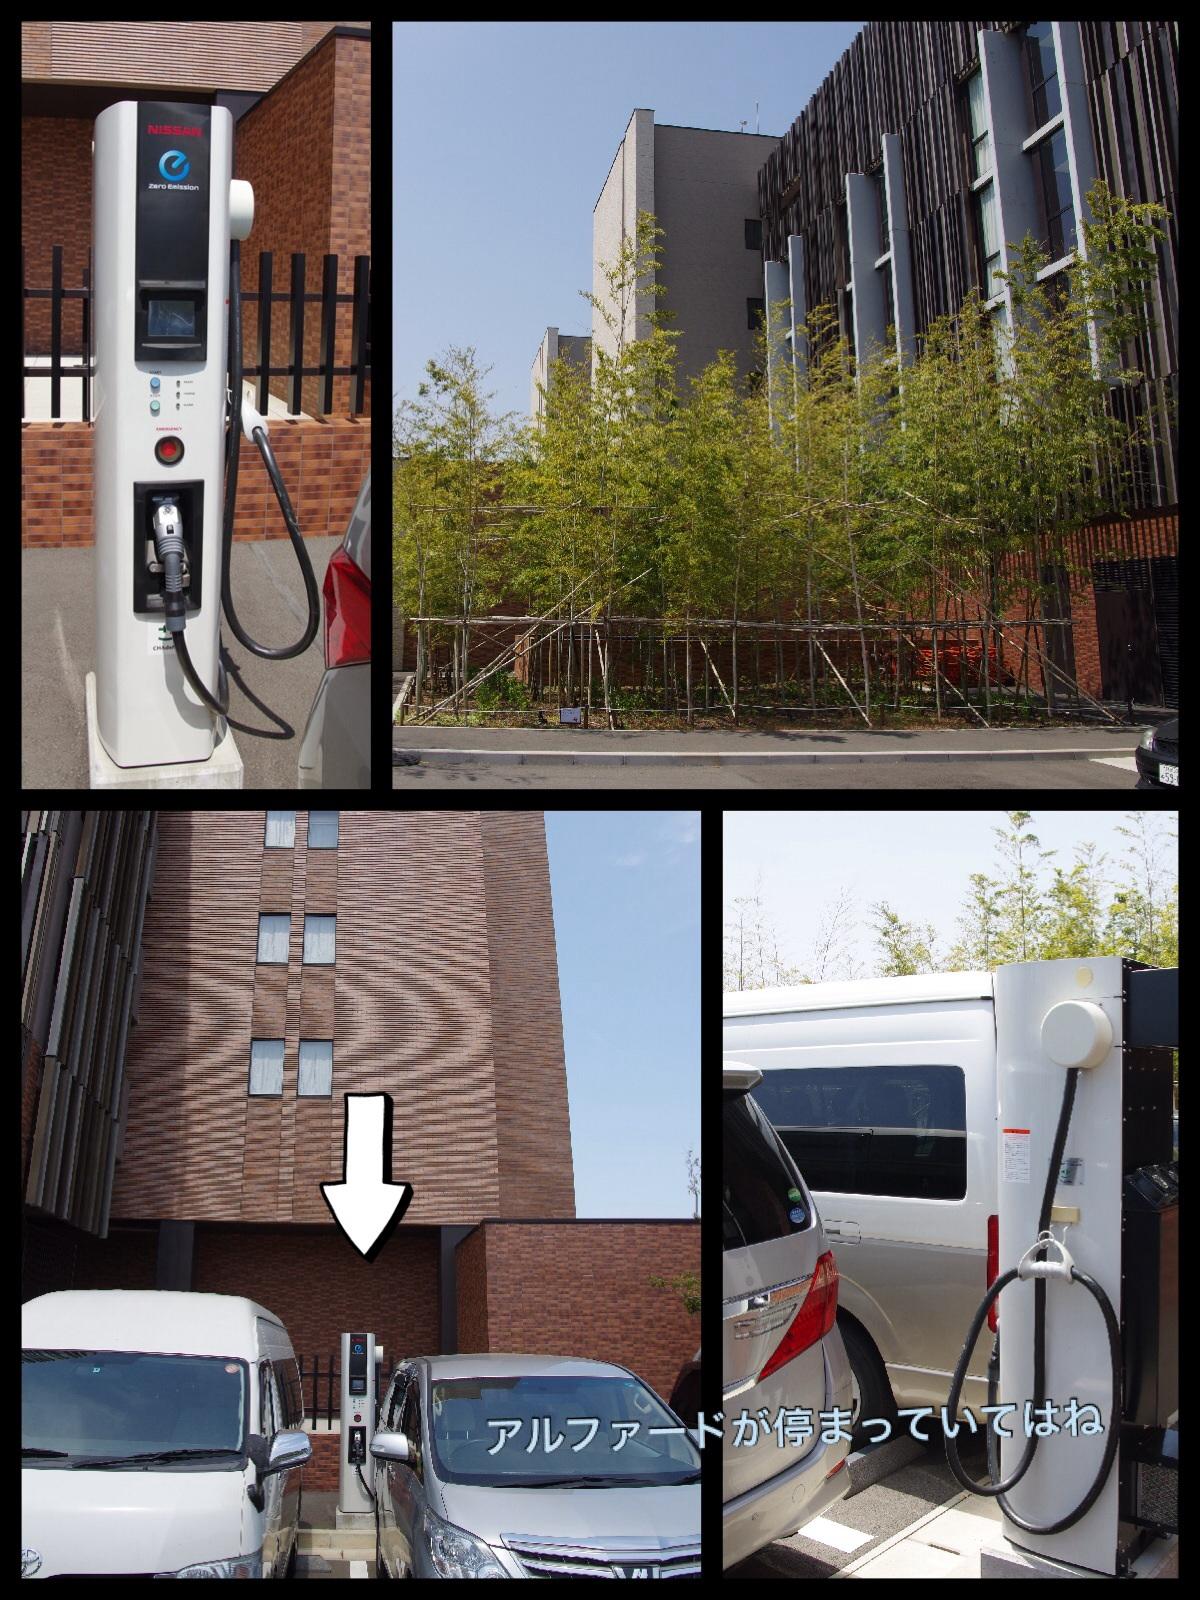 日本平ホテル駐車場 EV充電スポット